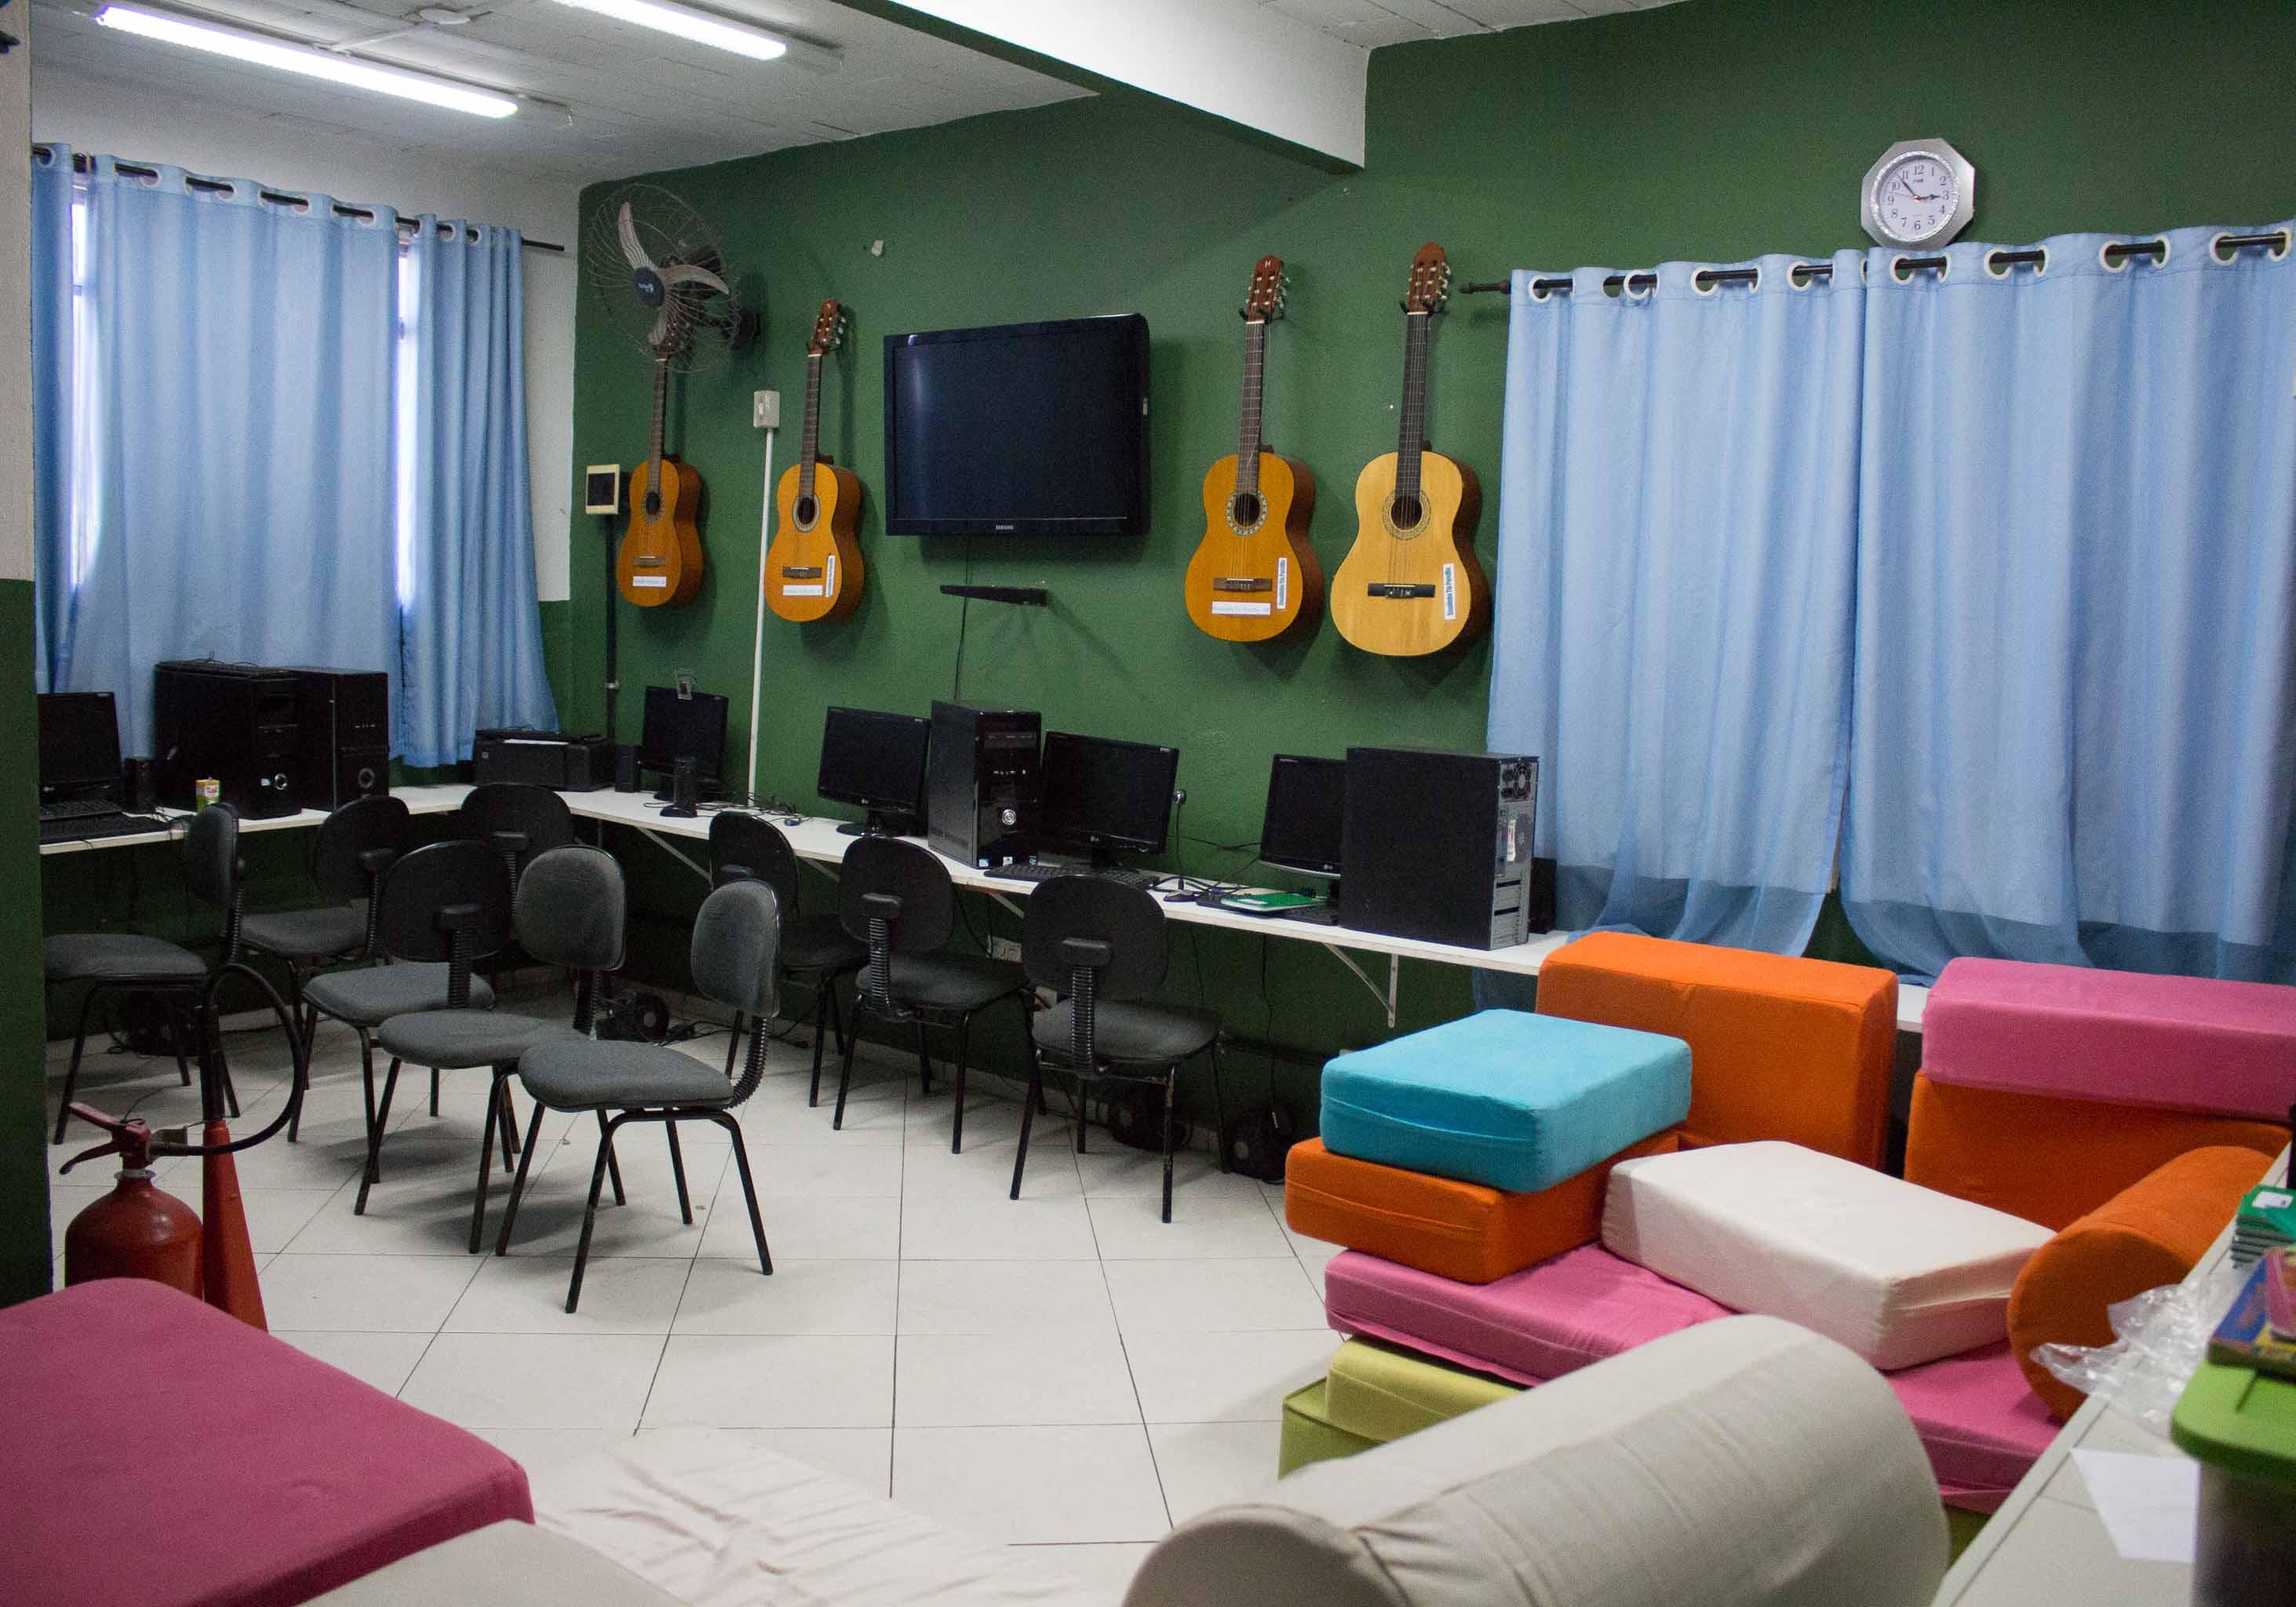 Sala de informática e música vazia desde março - Foto: Betinho Casas Novas/Voz das Comunidades